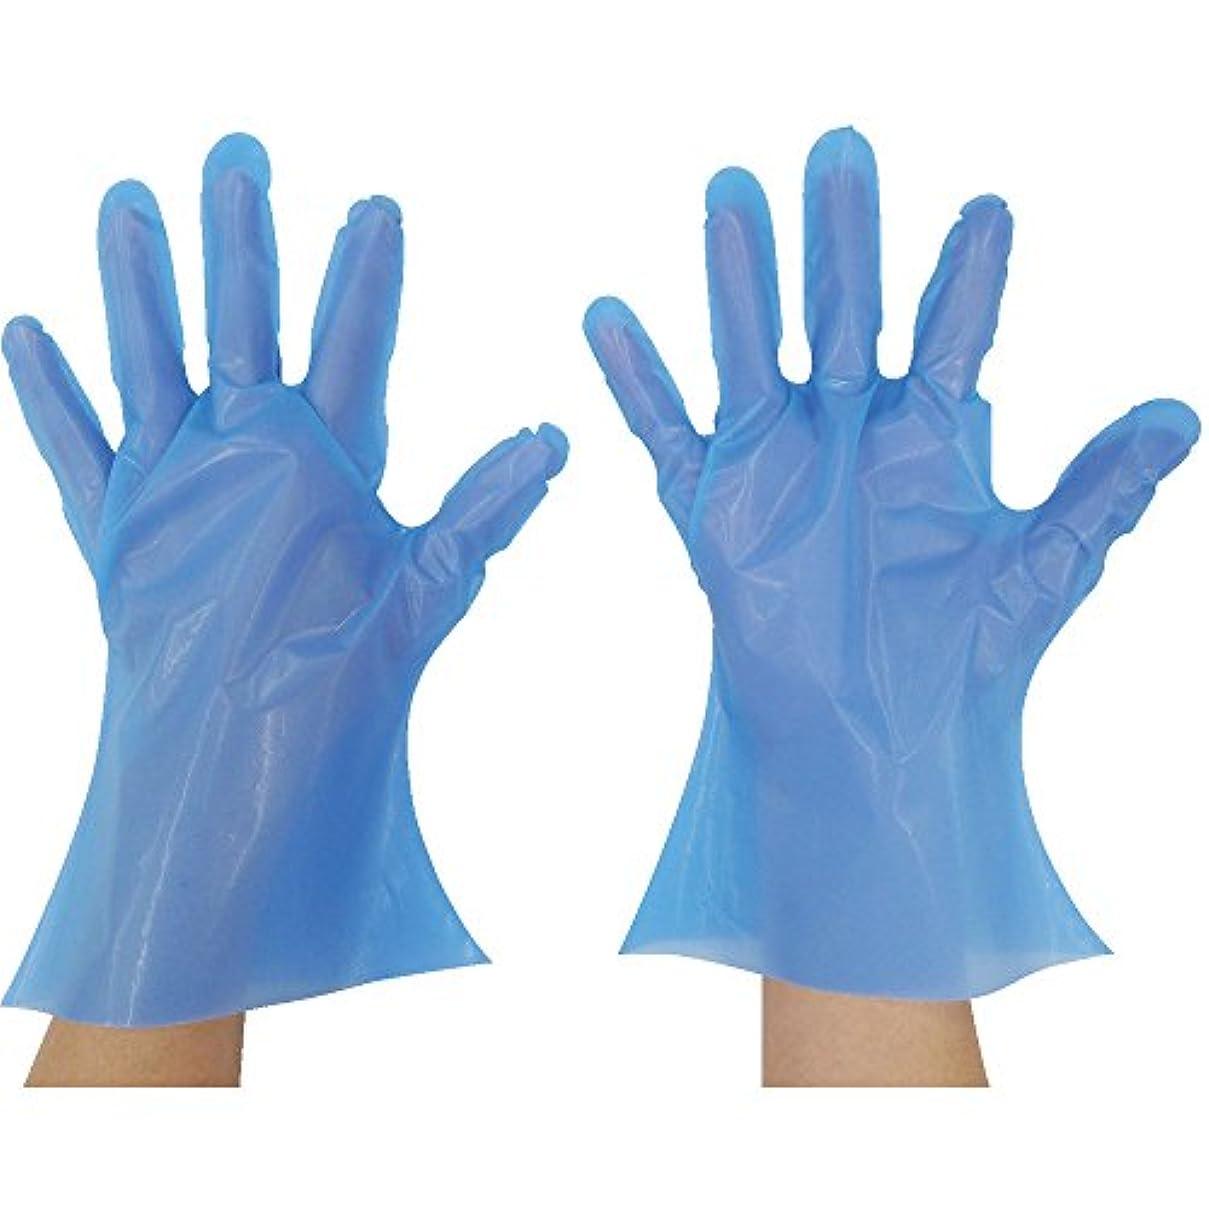 幸運なことに応じる犠牲東京パック マイジャストニトポリグローブ ML ブルー NP-ML ポリエチレン使い捨て手袋